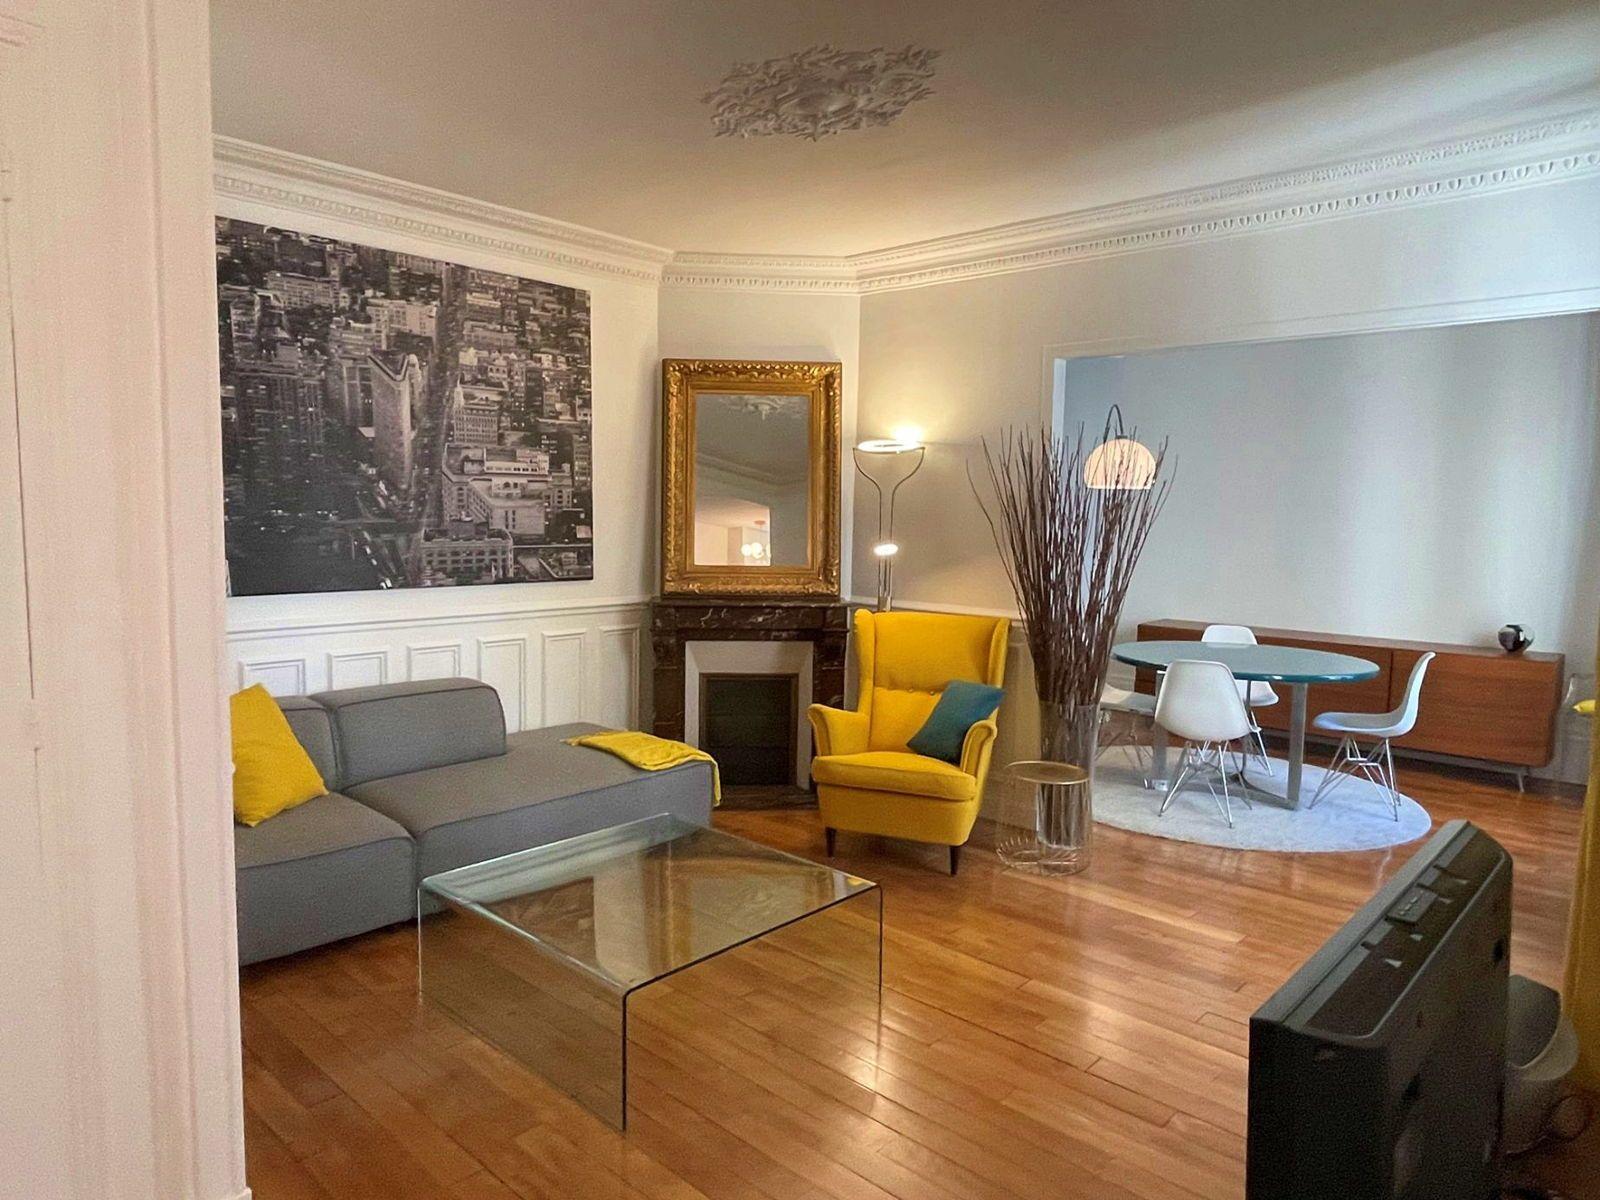 Loue Appartement meublé - 53m² - Courbevoie (92) Bécon les Bruyères